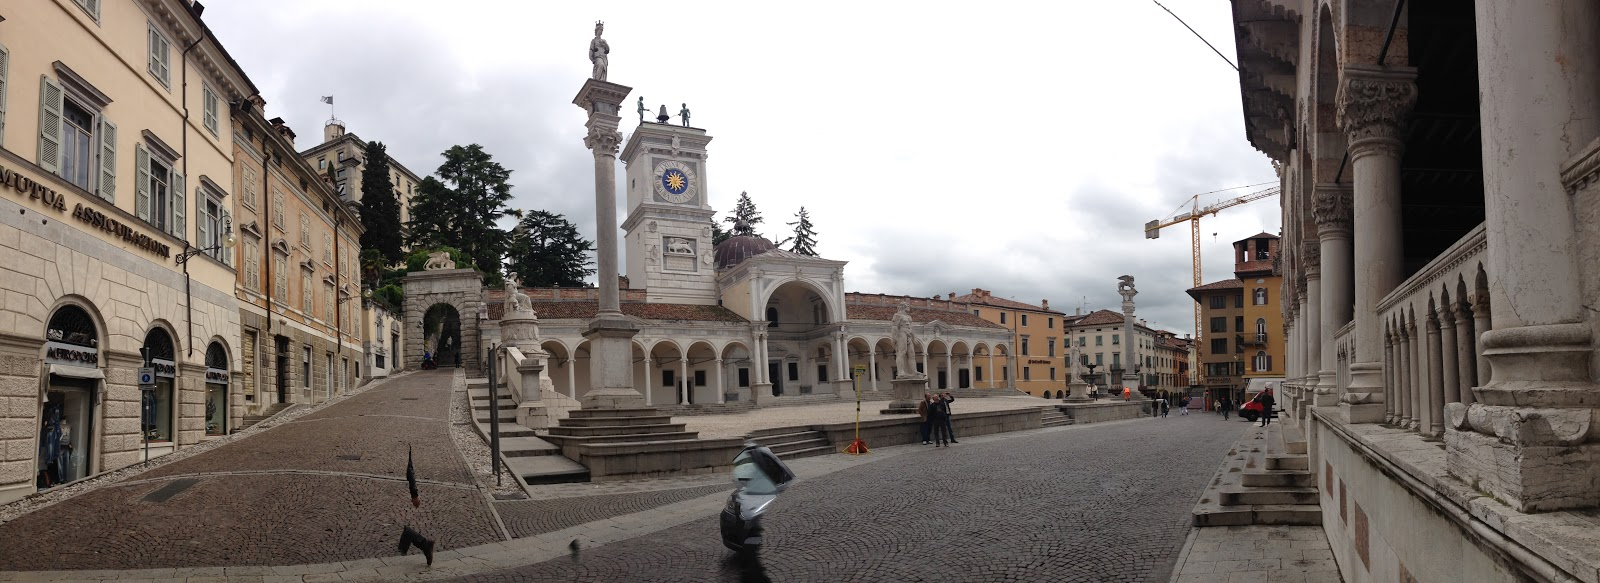 Loggia del Lionello at Piazza della Libertà